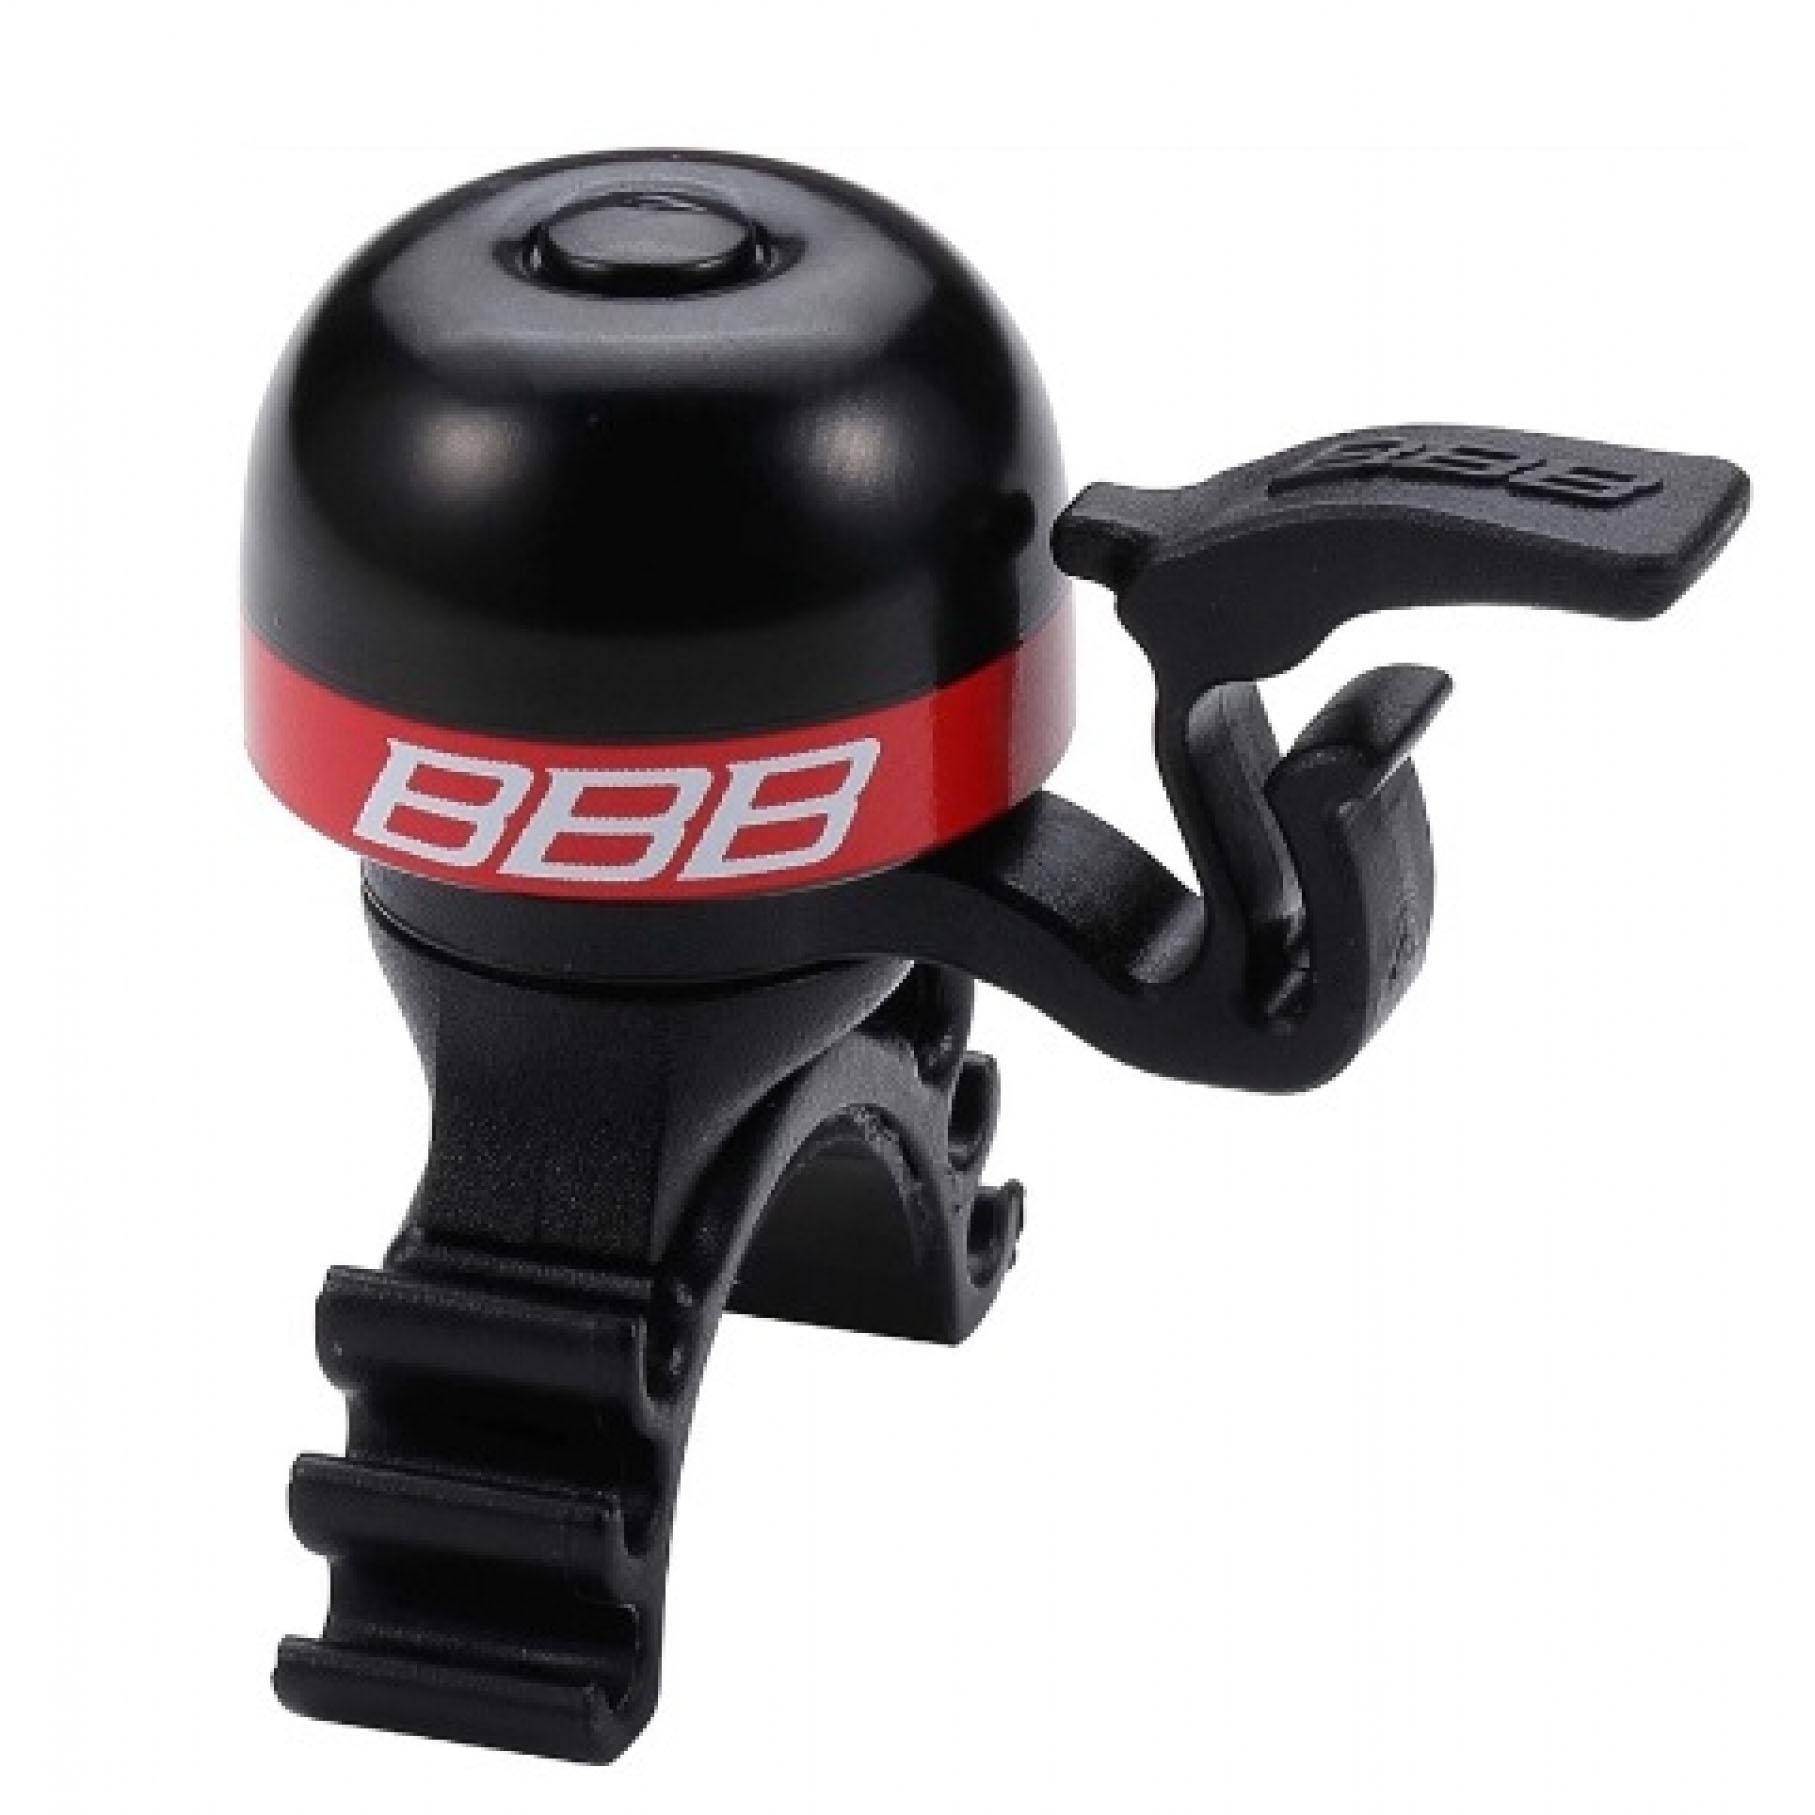 Фото Звонок BBB-16 «MiniFit» чёрно-красный